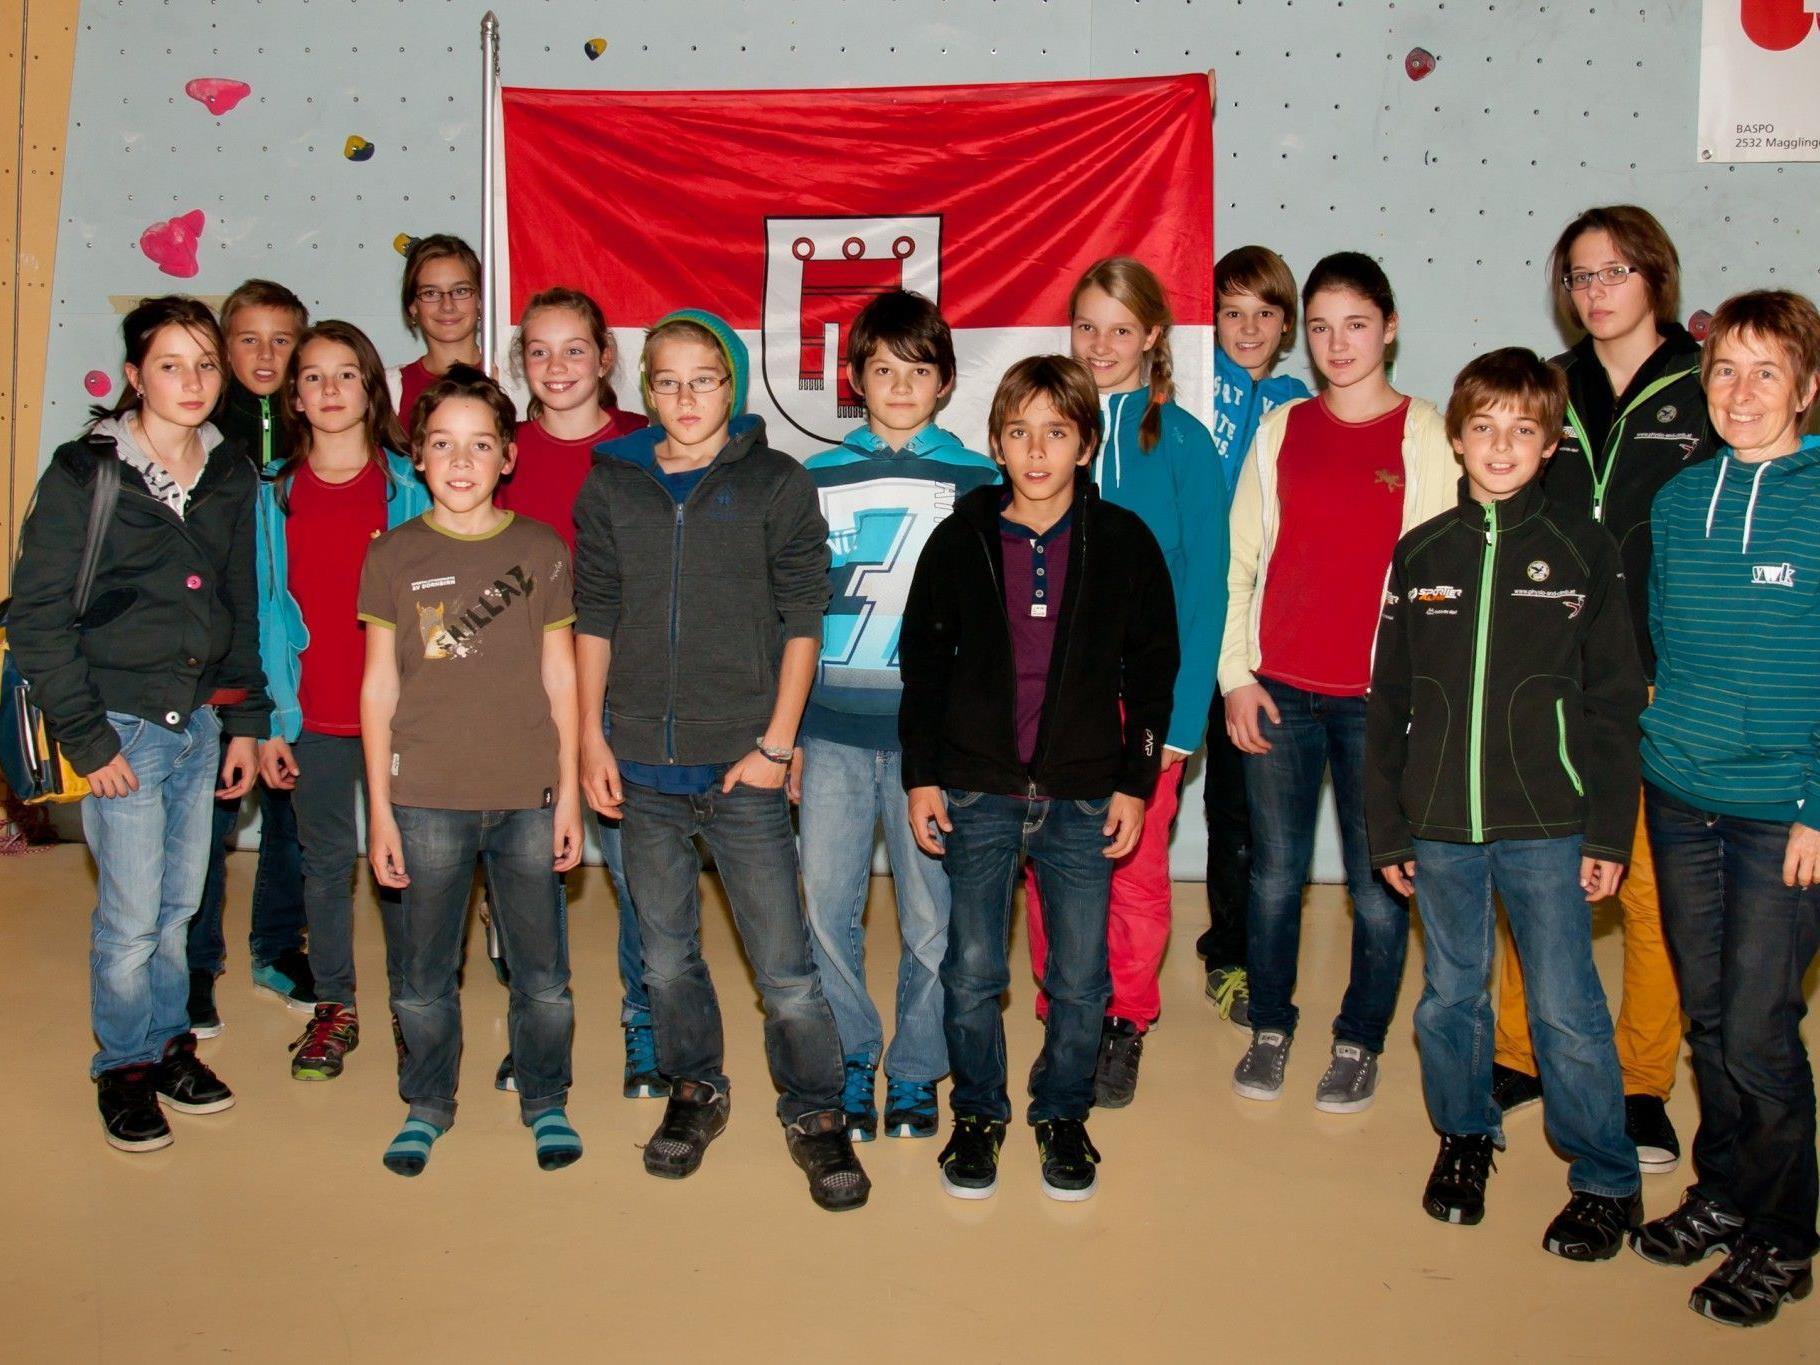 Vorarlbergs Nachwuchs-Kletterer zeigten beim Arge-Alp-Turnier gute Leistungen.